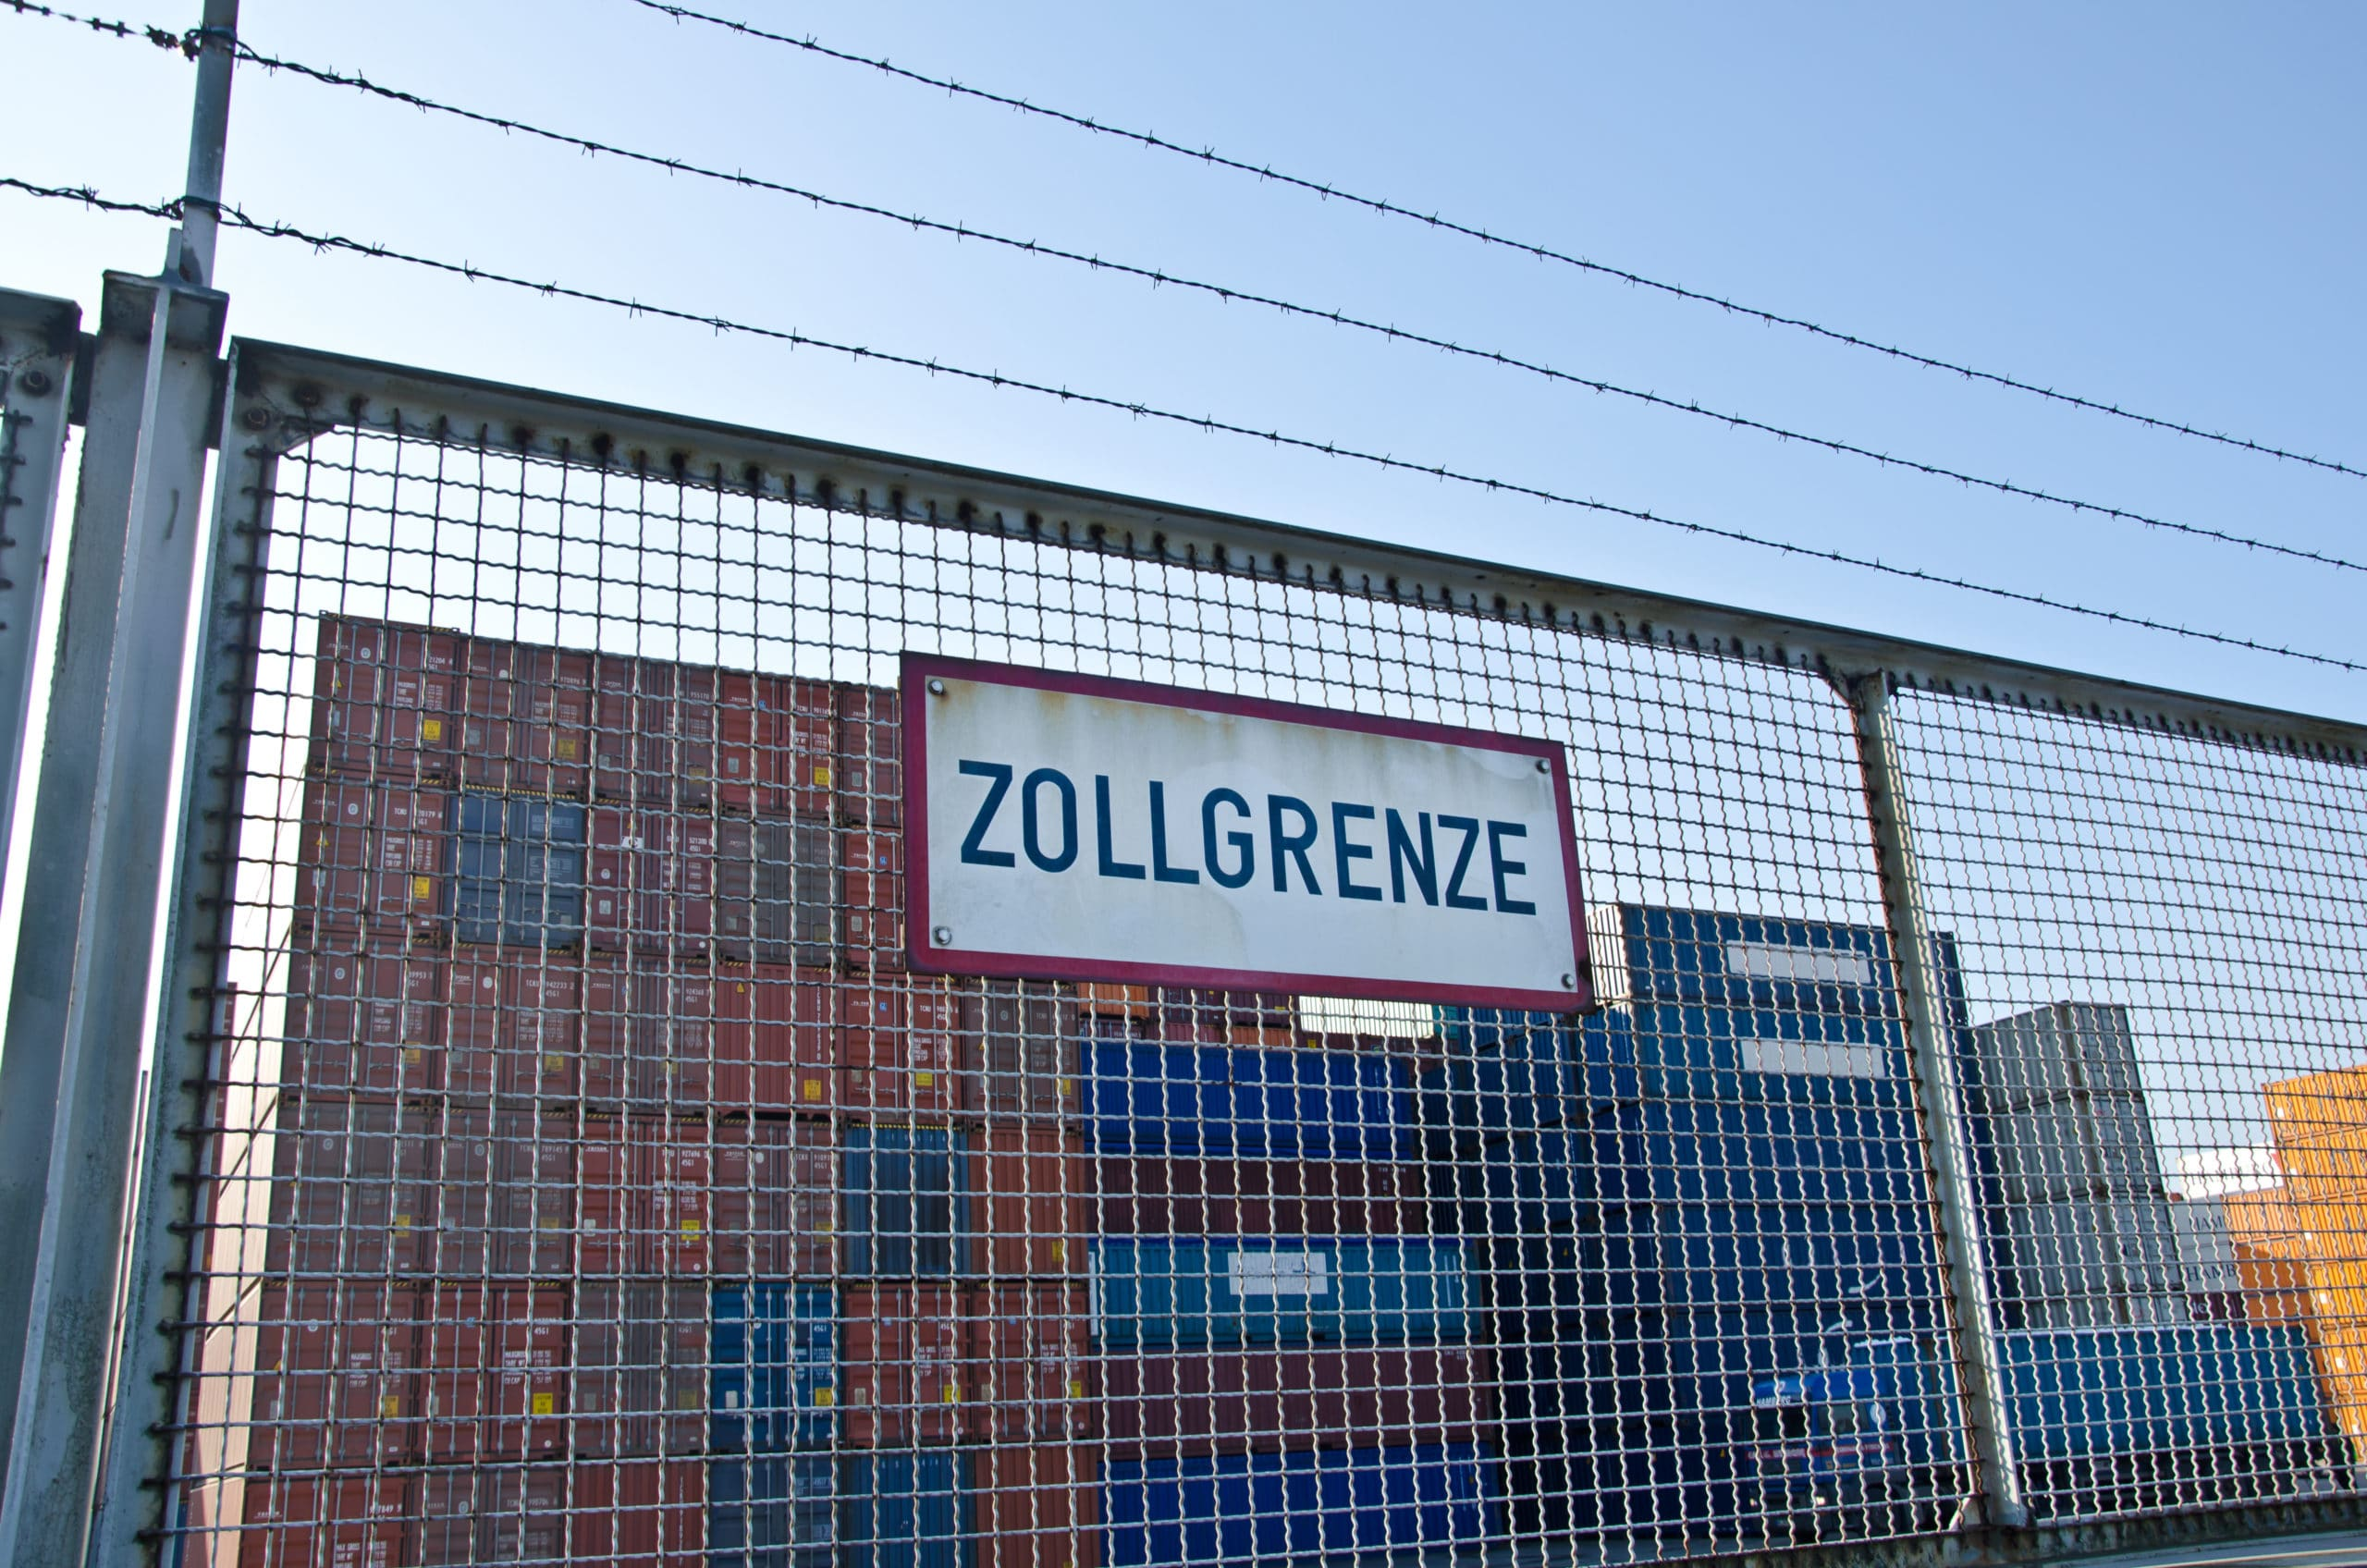 Stacheldraht Zaun mit Schild Zollgrenze vor Container Lagerplatz